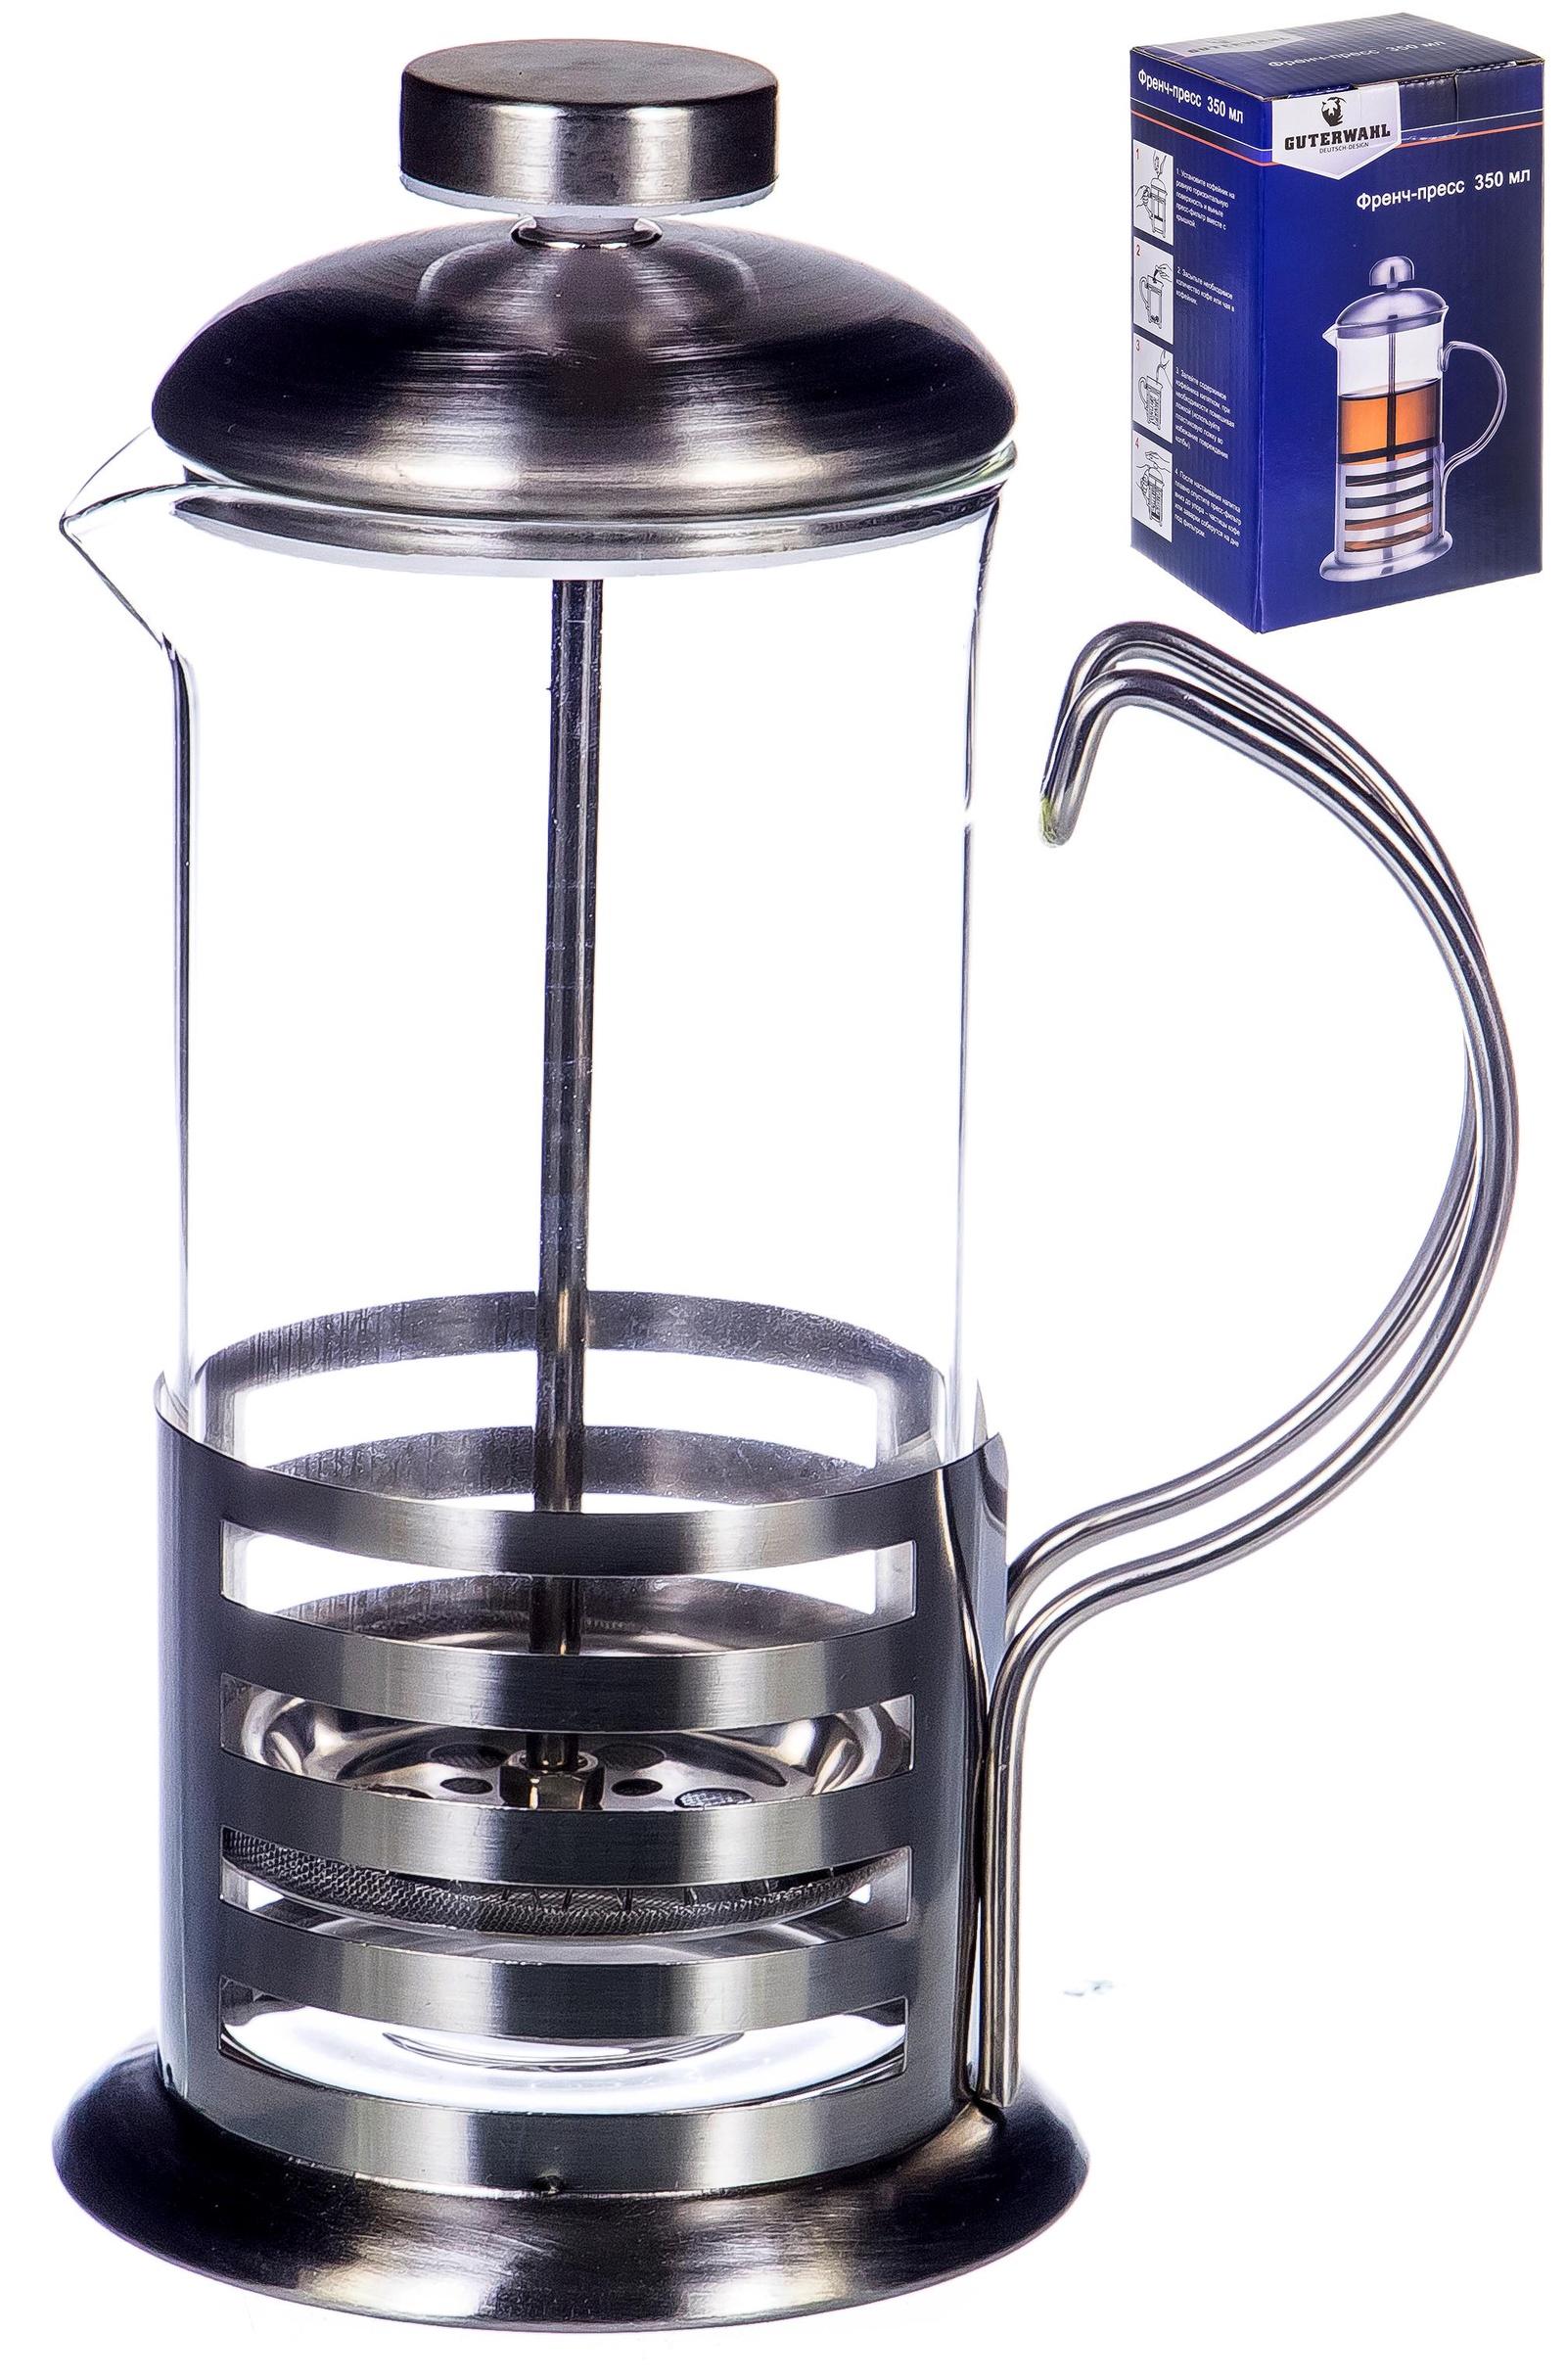 Френч-пресс 350мл, жаропрочное стекло, корпус из нержавеющей стали, подарочная упаковка, ТМ Guterwahl, 116-11001 френч пресс attribute flavor 350мл